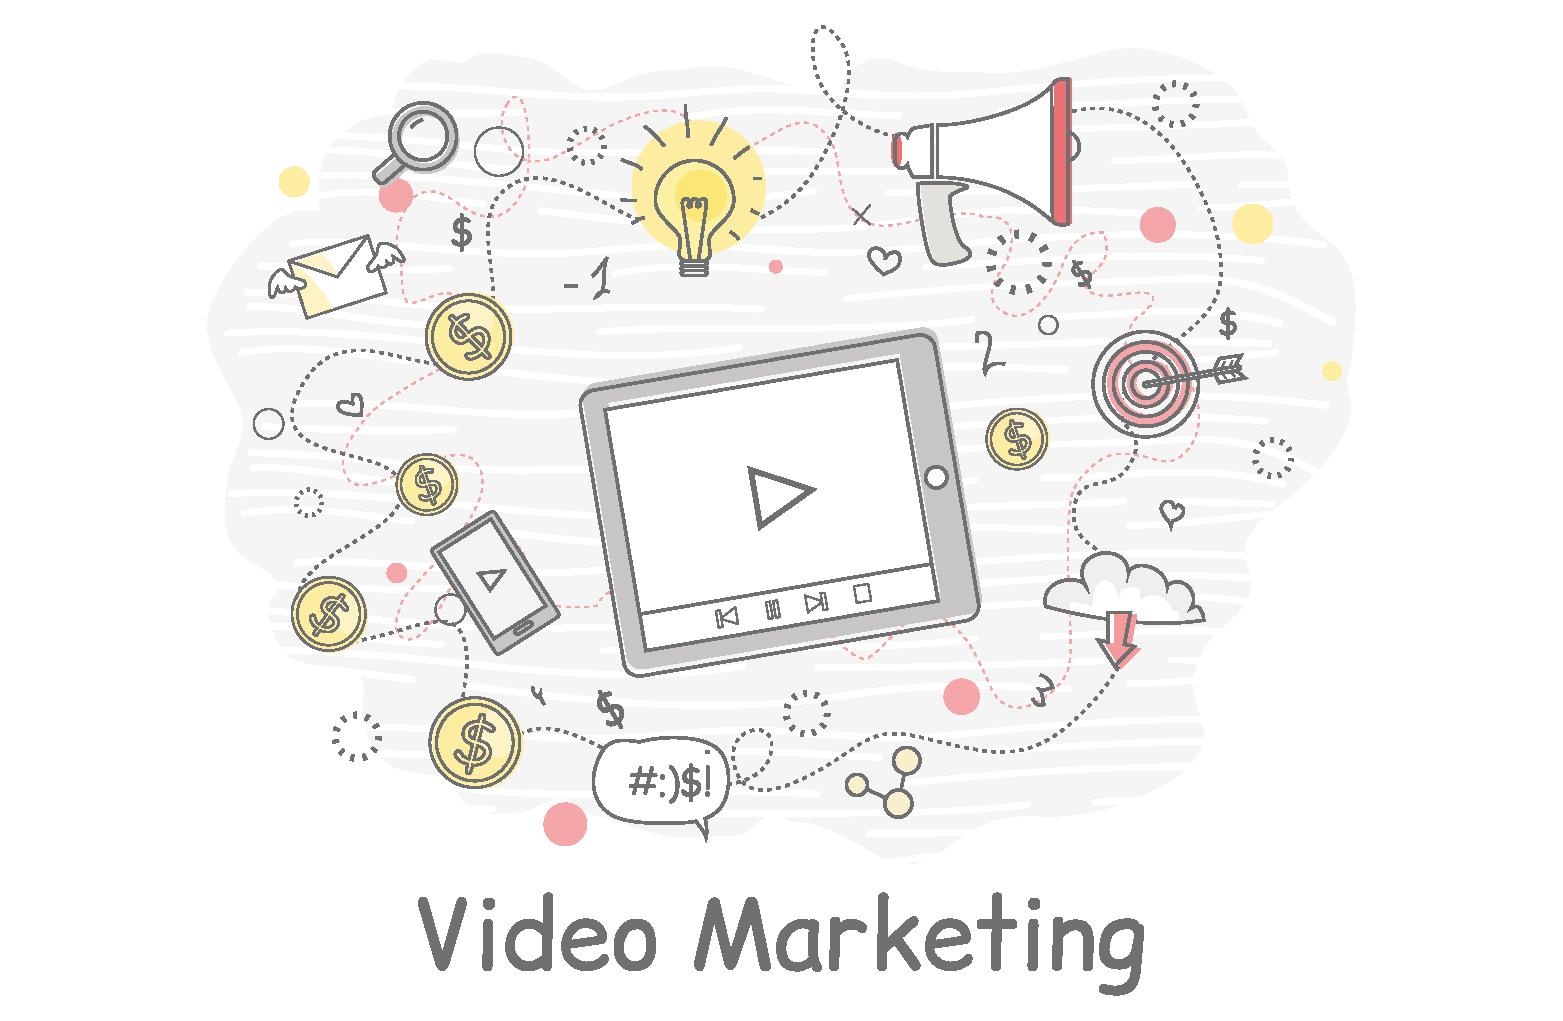 Las métricas más importantes en el video marketing